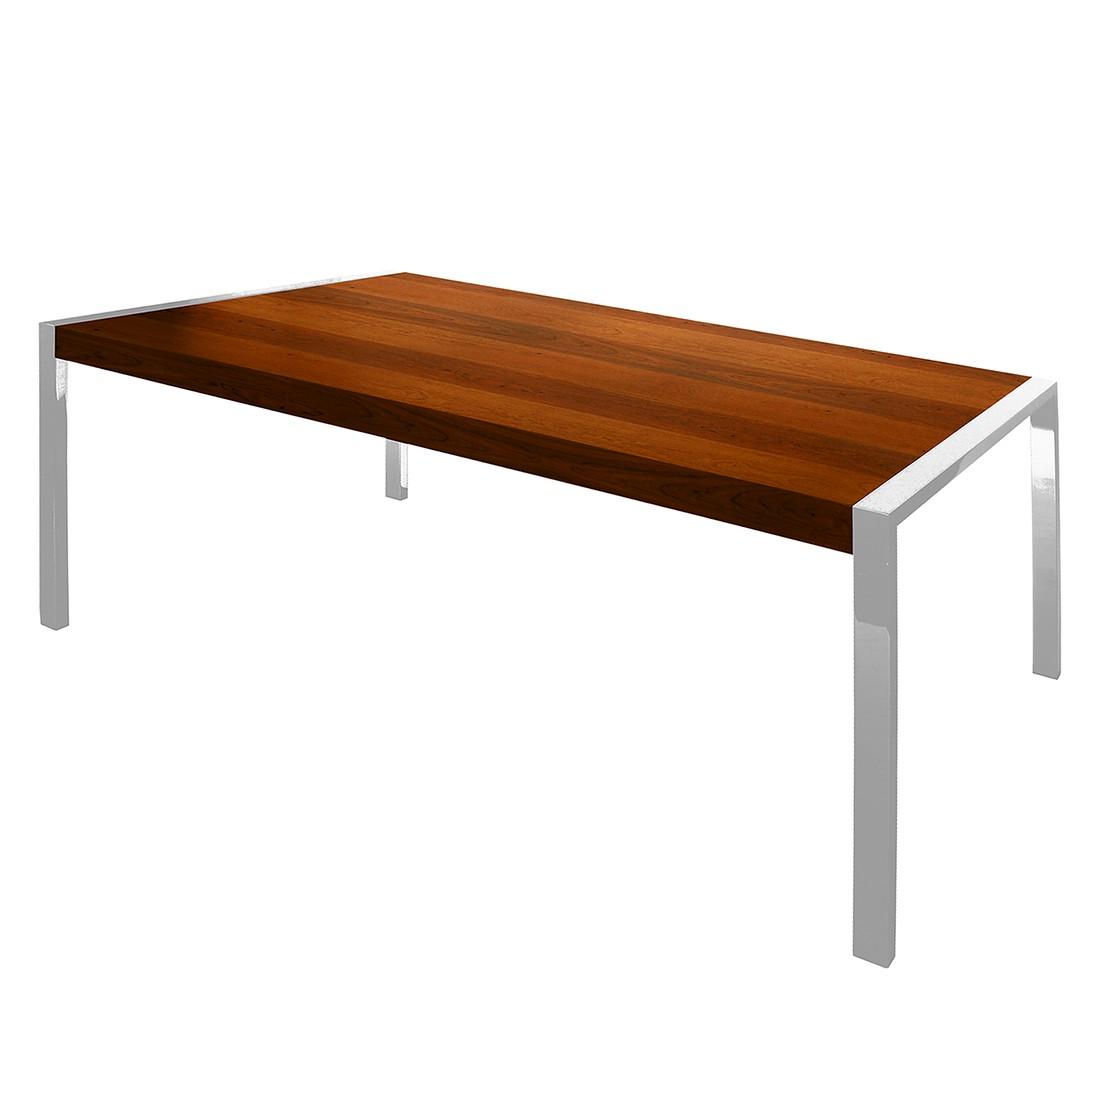 m bel online einkaufen. Black Bedroom Furniture Sets. Home Design Ideas